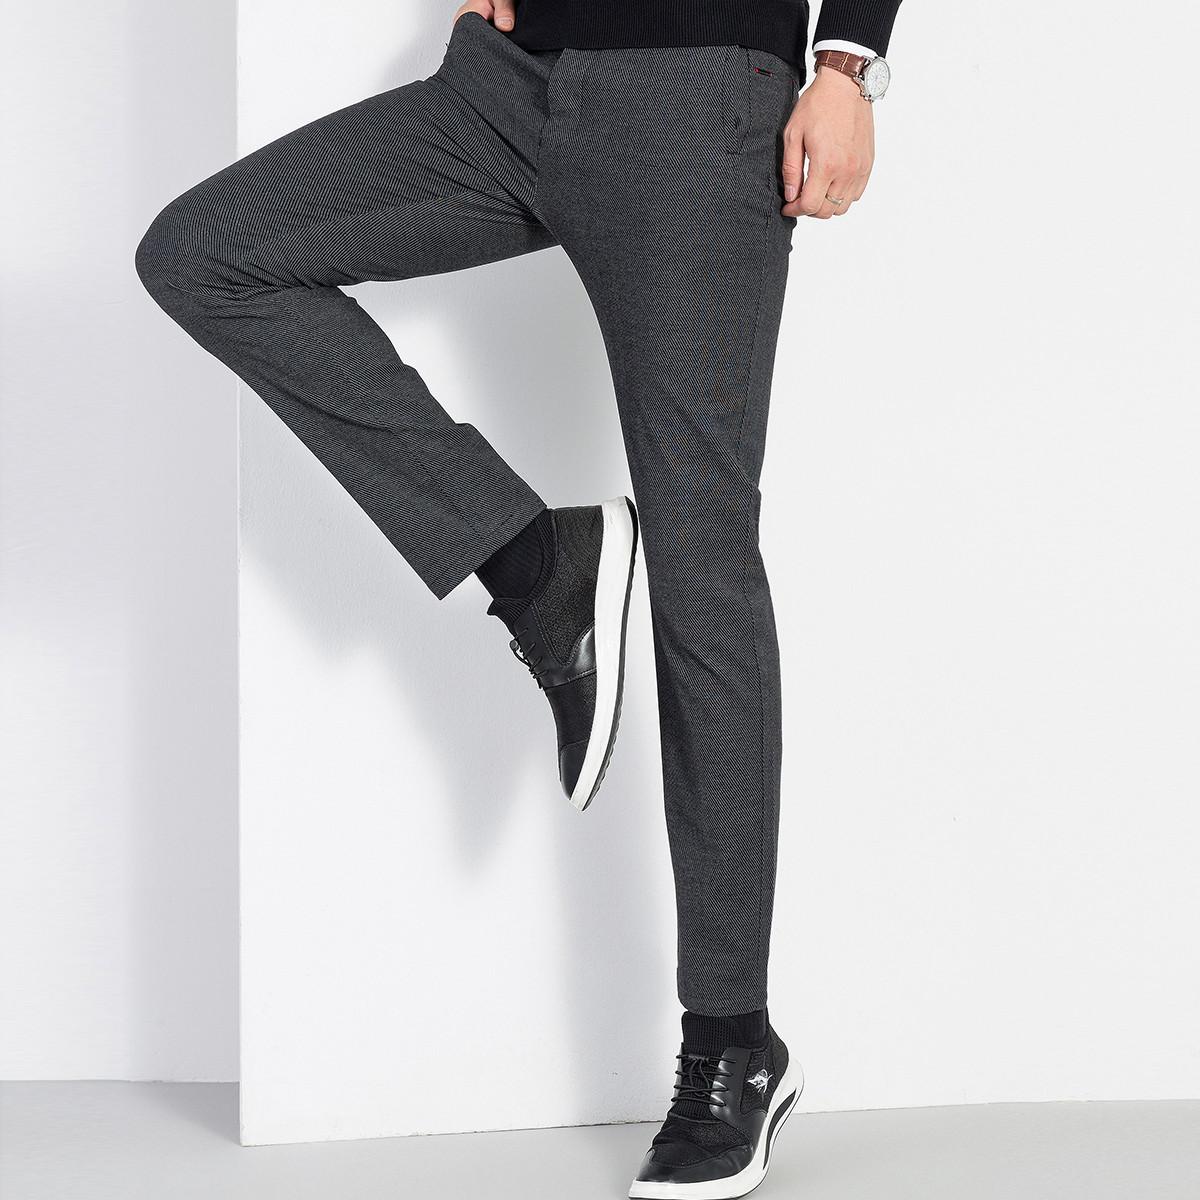 L#039ALPINA2019秋季新款弹力舒适时尚简约百搭直筒纯色小脚裤子男士休闲长裤DSKZMDL216290